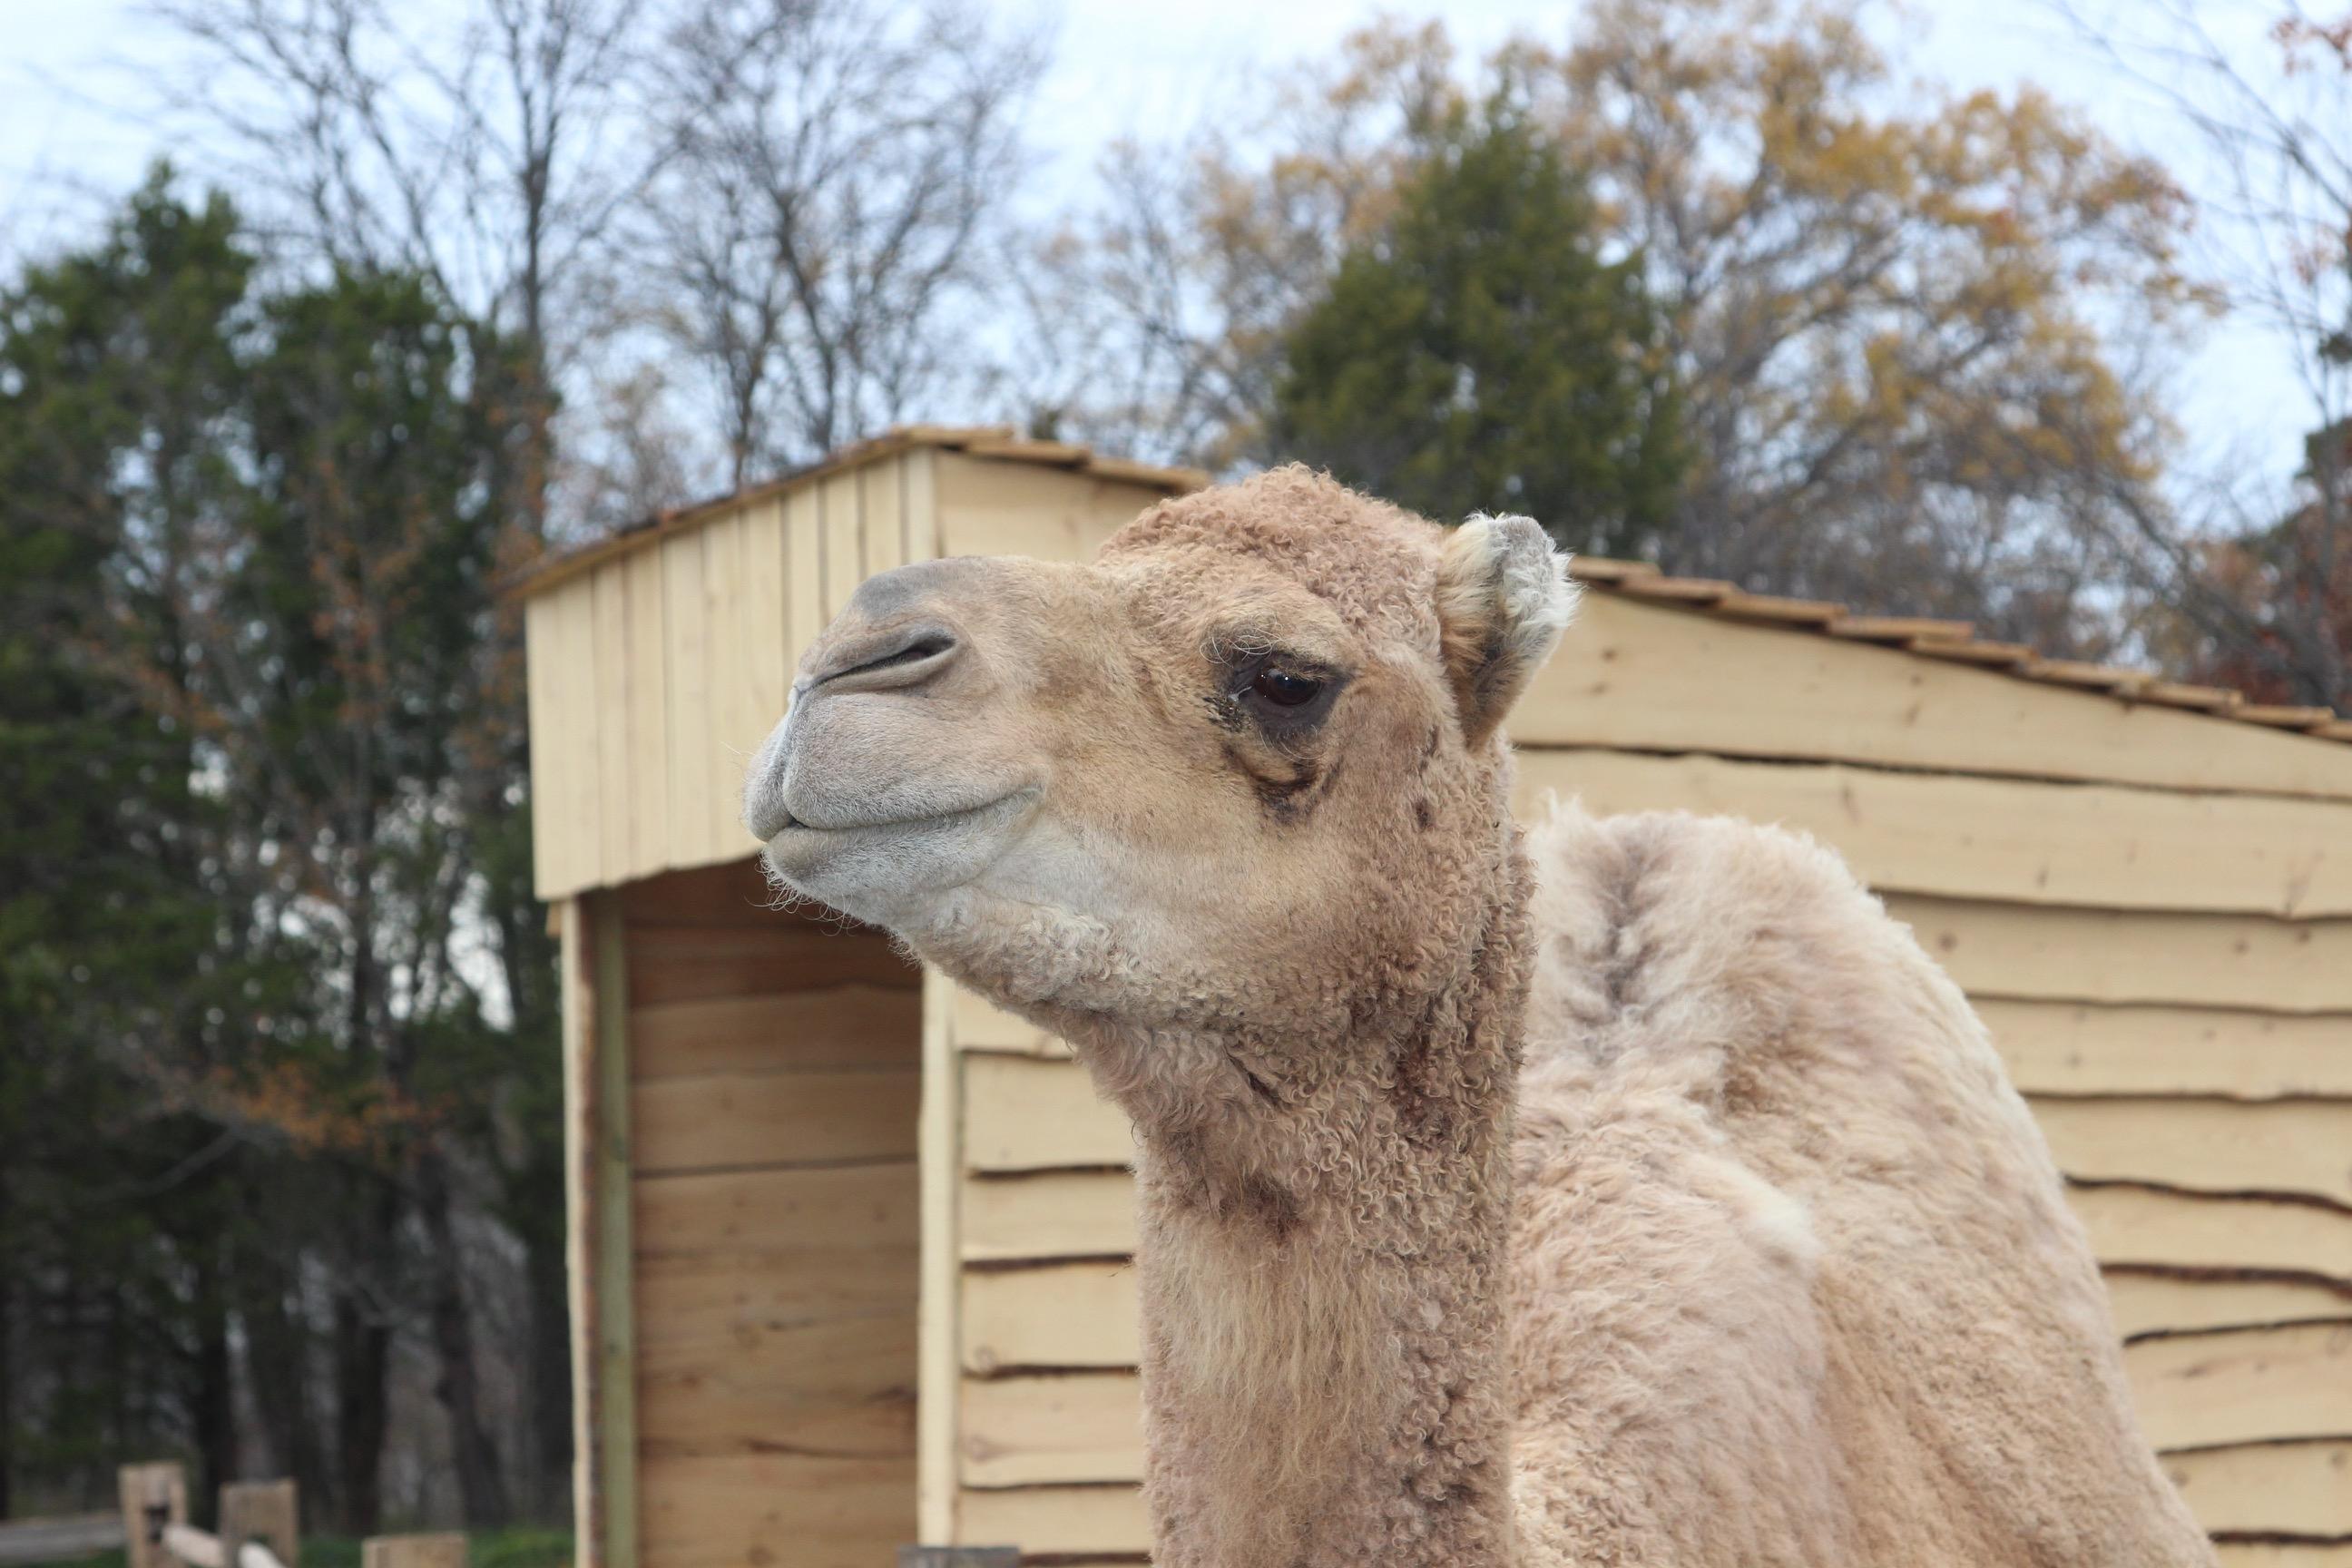 Aladdin – The Christmas Camel – Is On the Farm